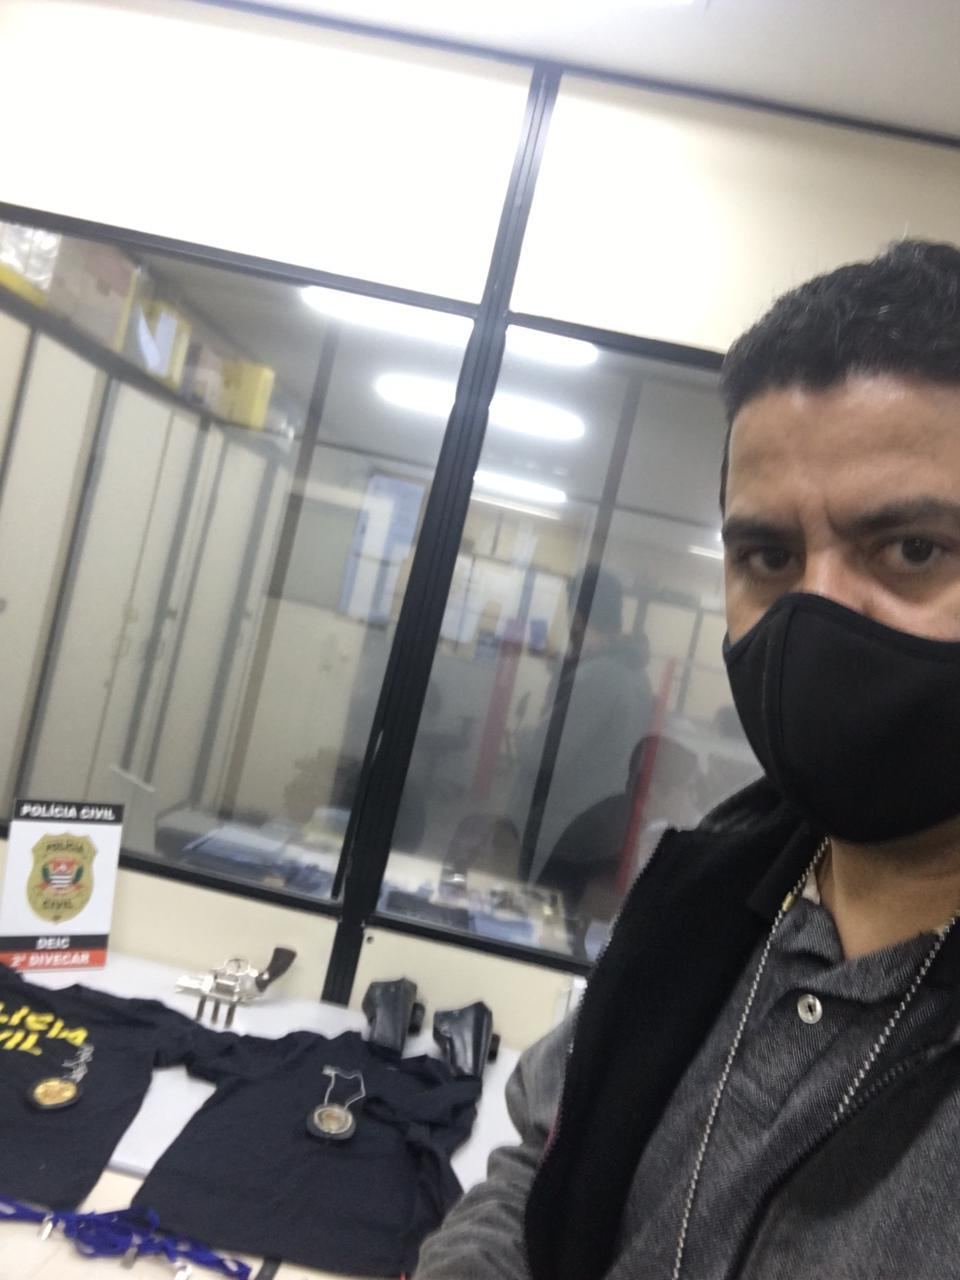 Preso falso policial que extorquia comerciantes bolivianos em São Paulo